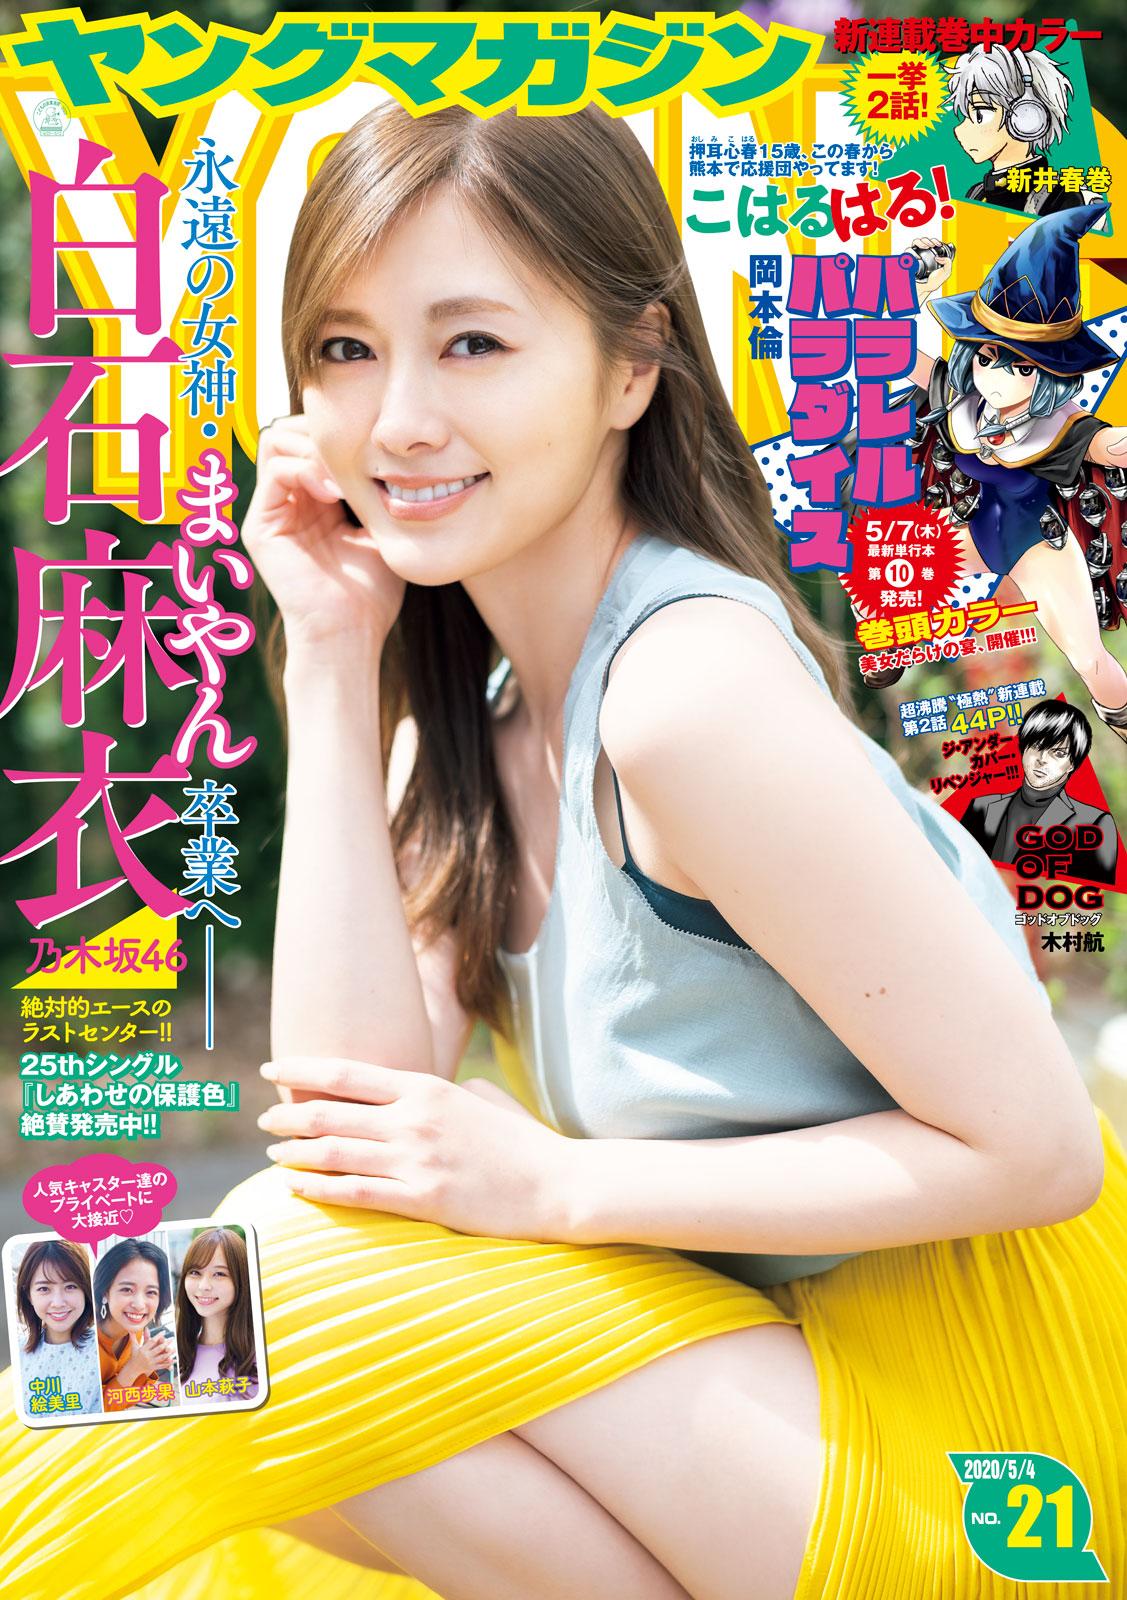 ヤングマガジン 2020年05月04日号  21号 乃木坂46 白石麻衣